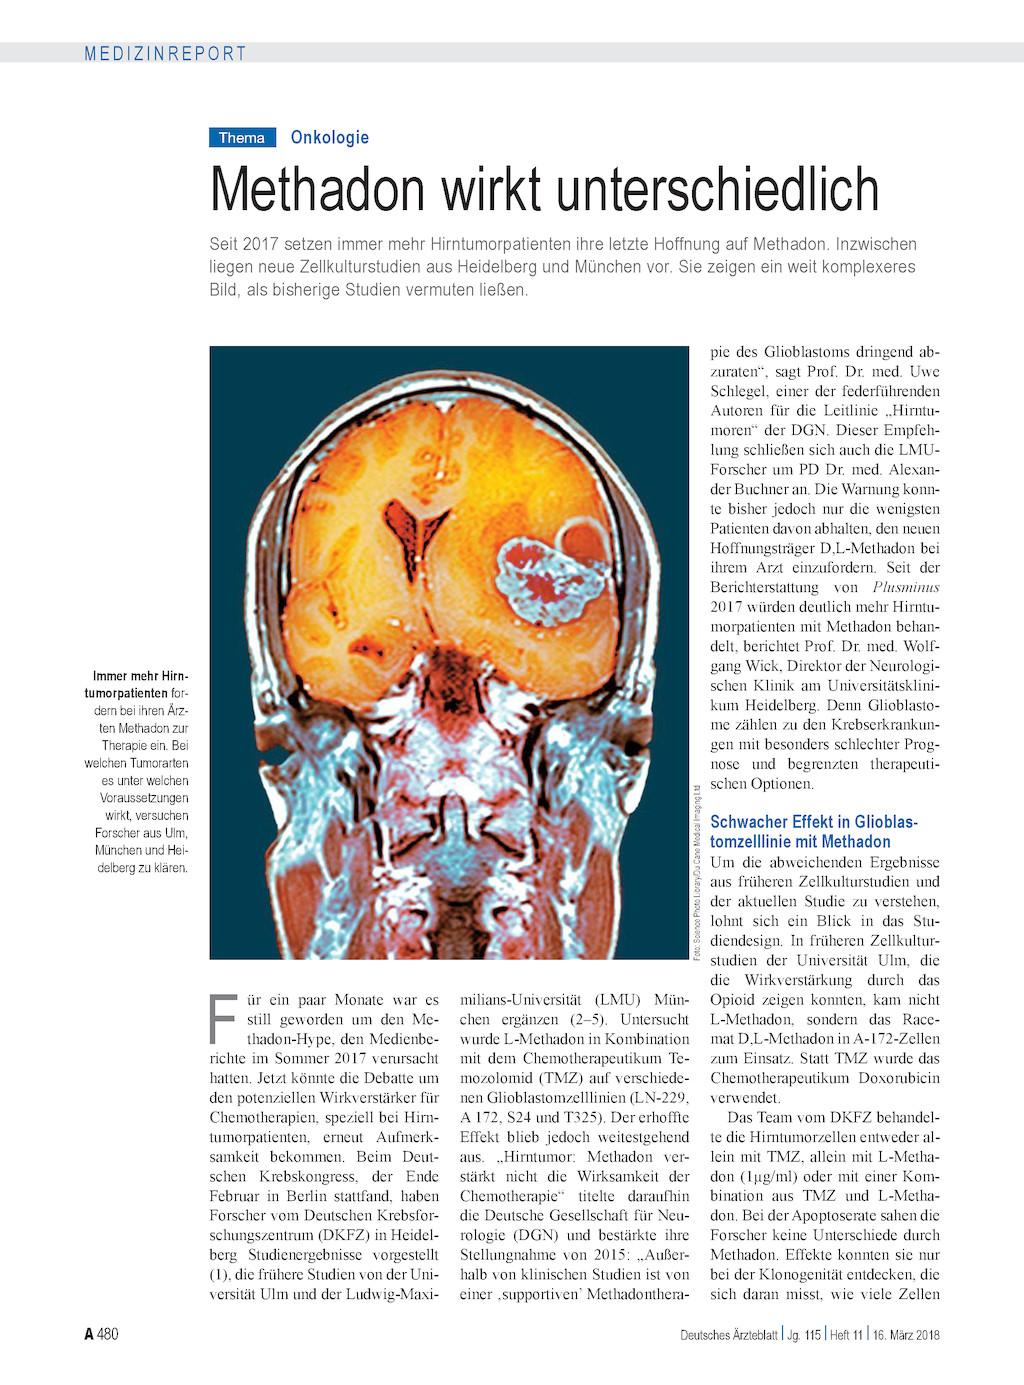 http://www.aerzteblatt.de/